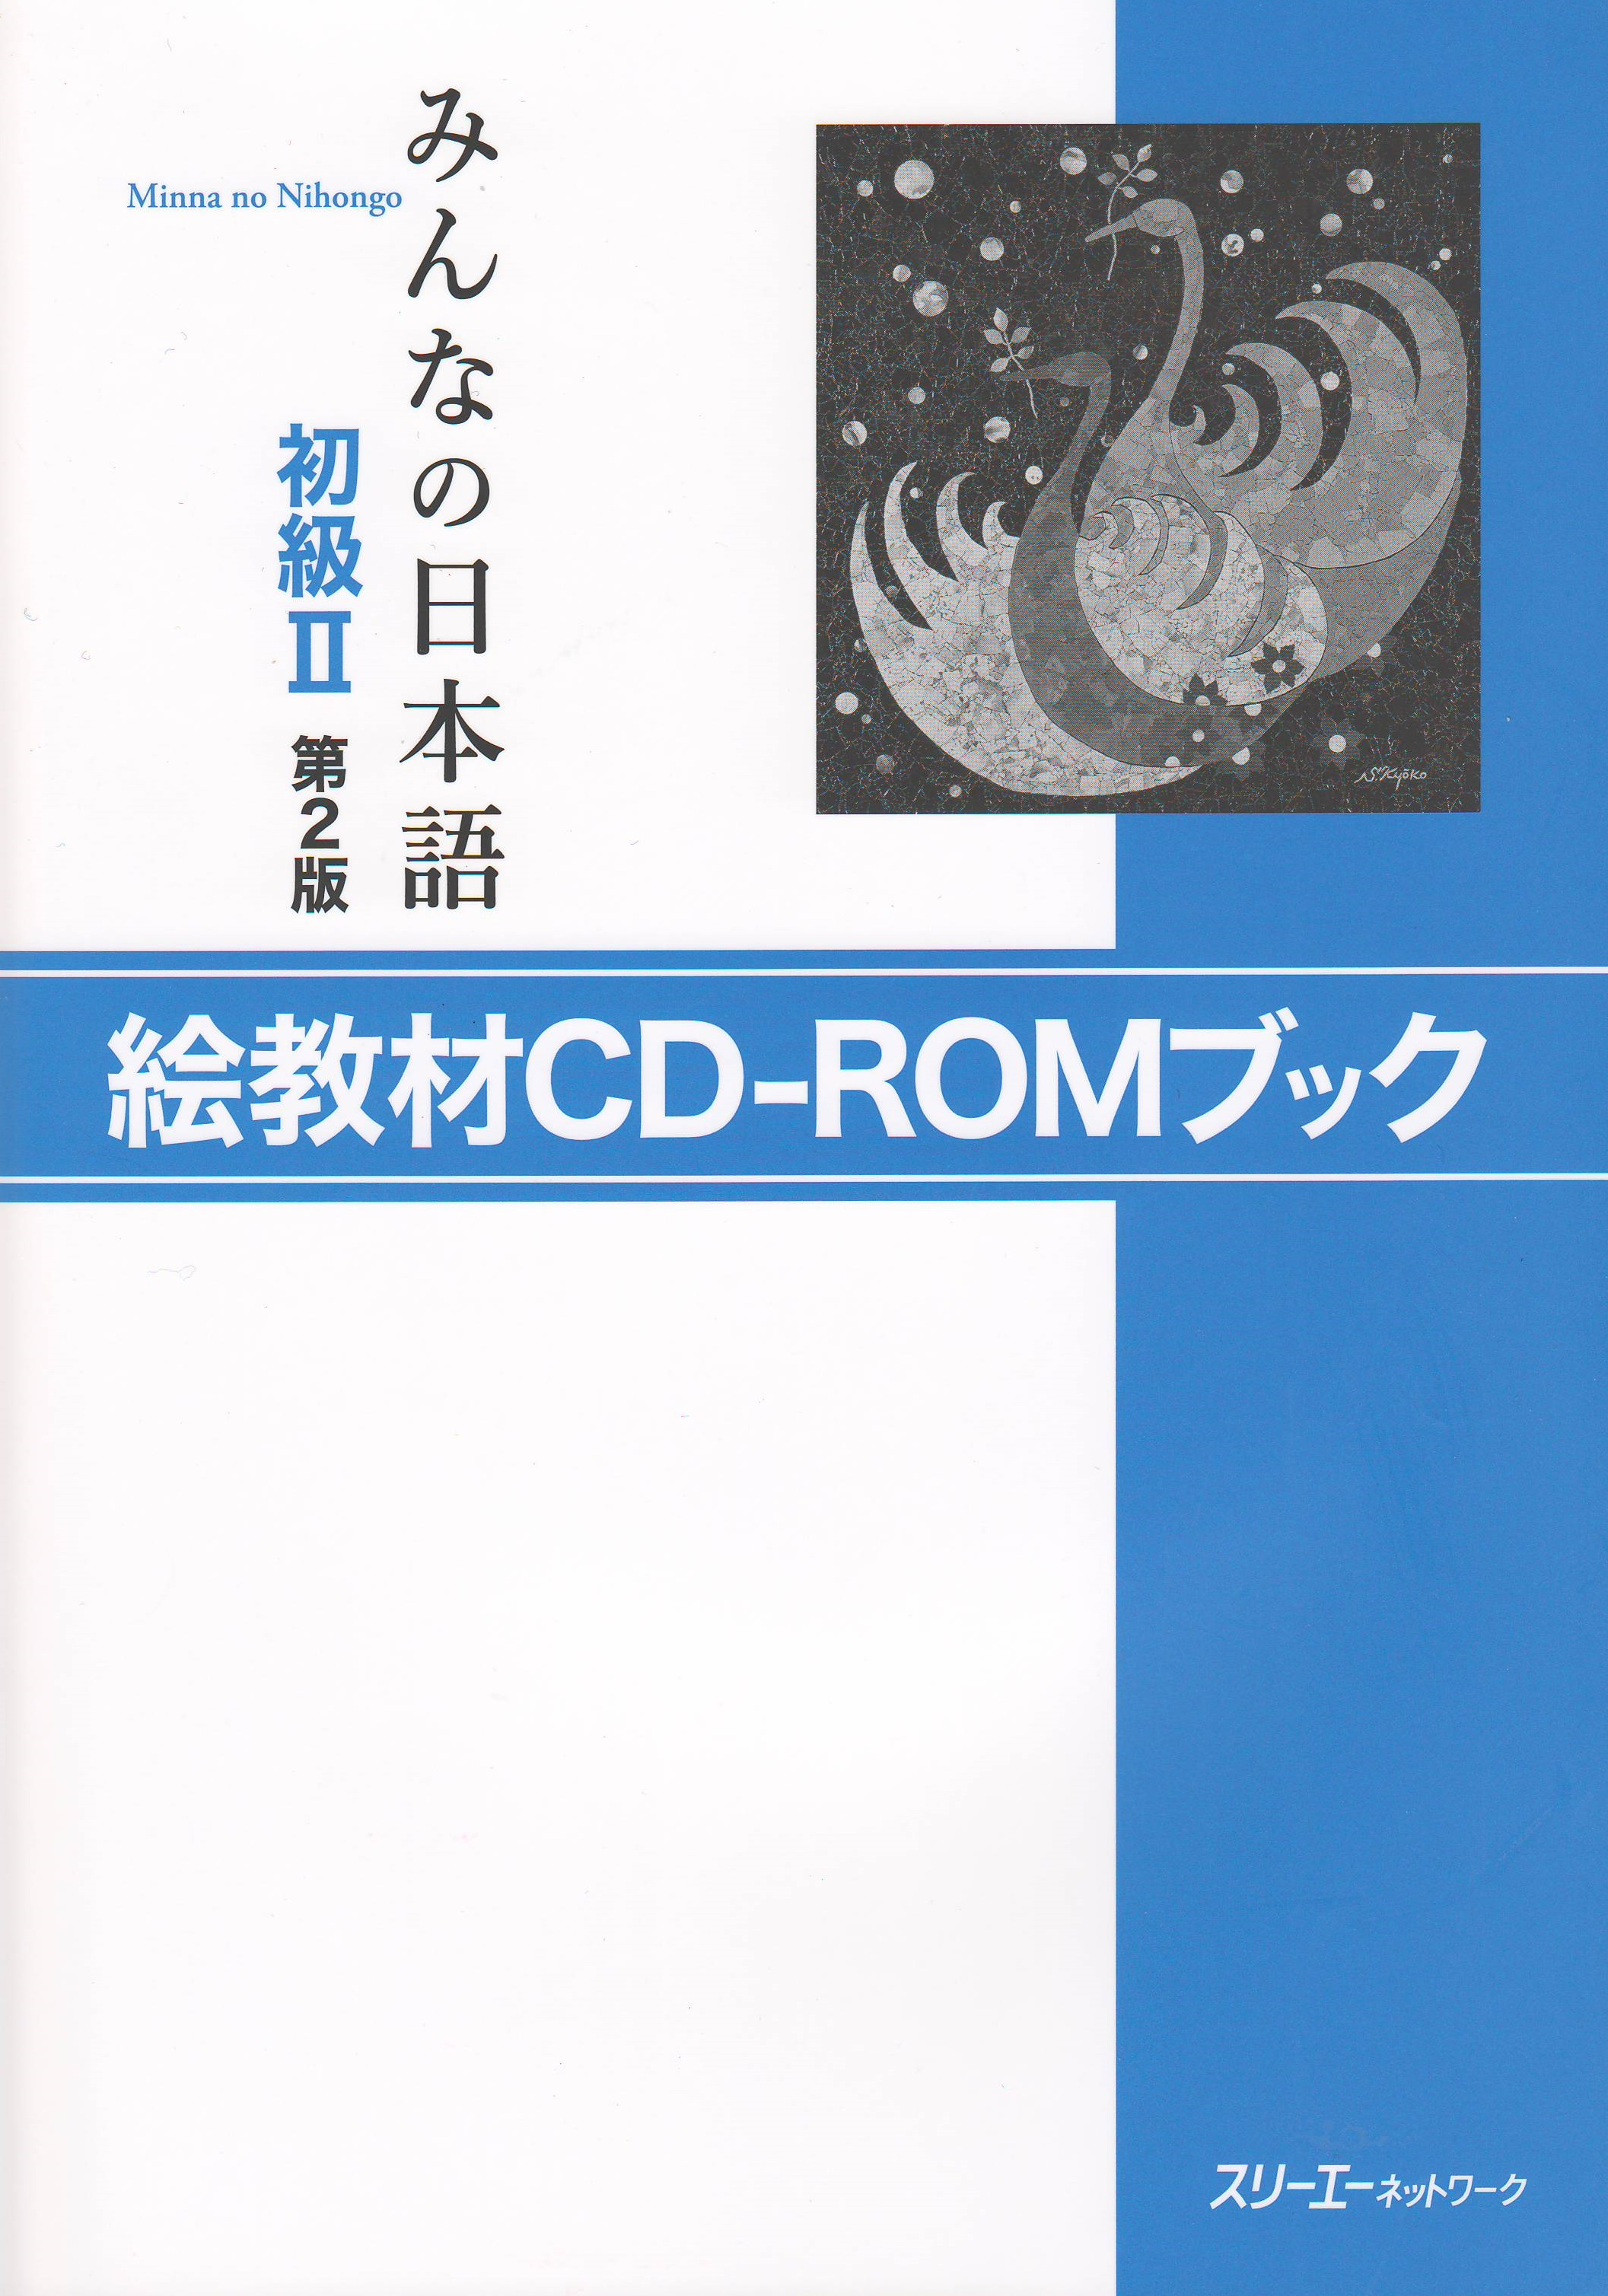 みんなの日本語 初級II 第2版 絵教材CD-ROMブック画像